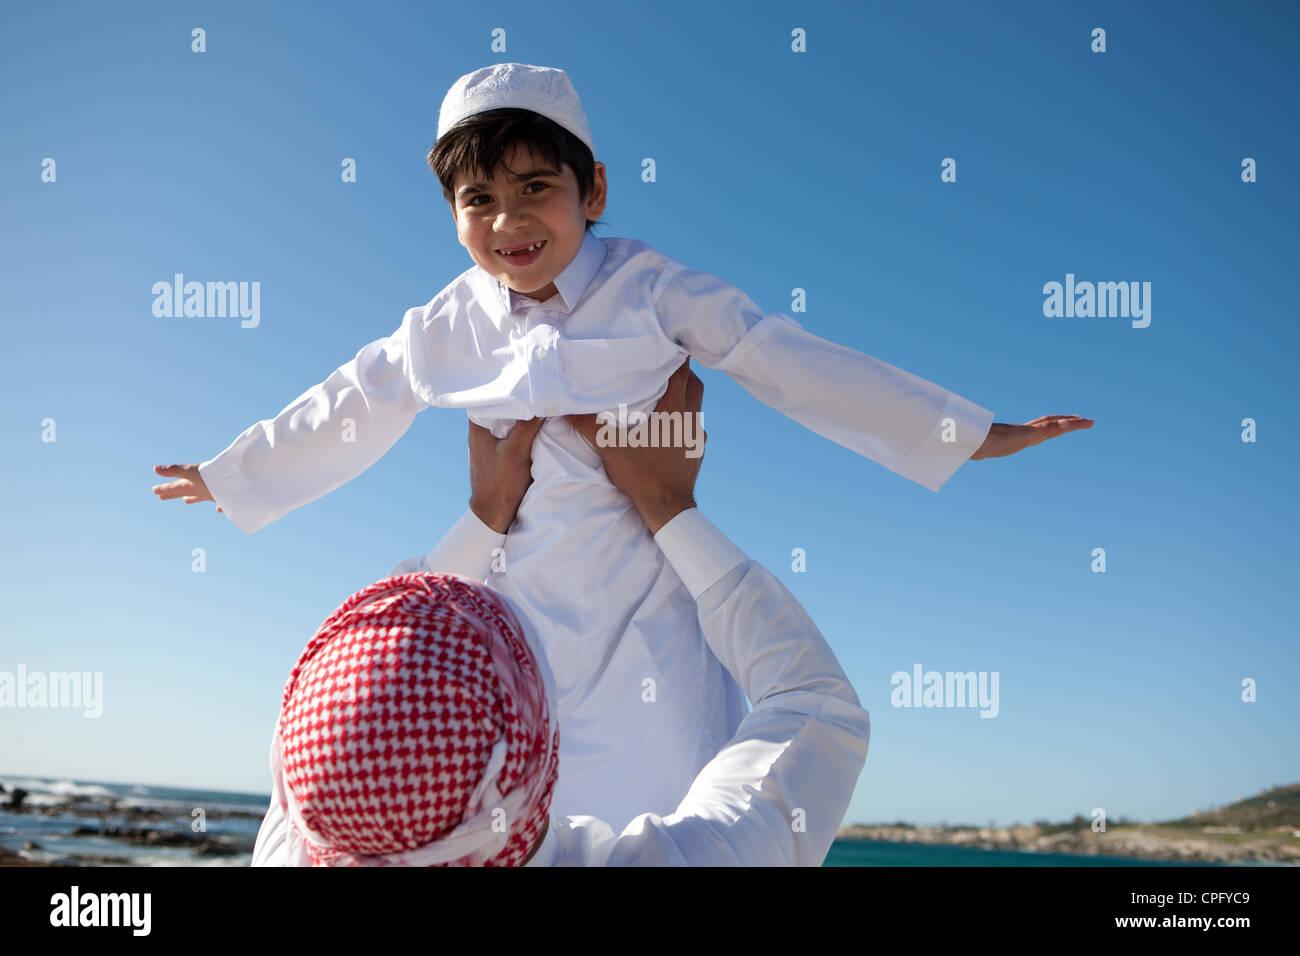 Portrait de père arabe de lever son fils sur beach boy, bras levés. Photo Stock